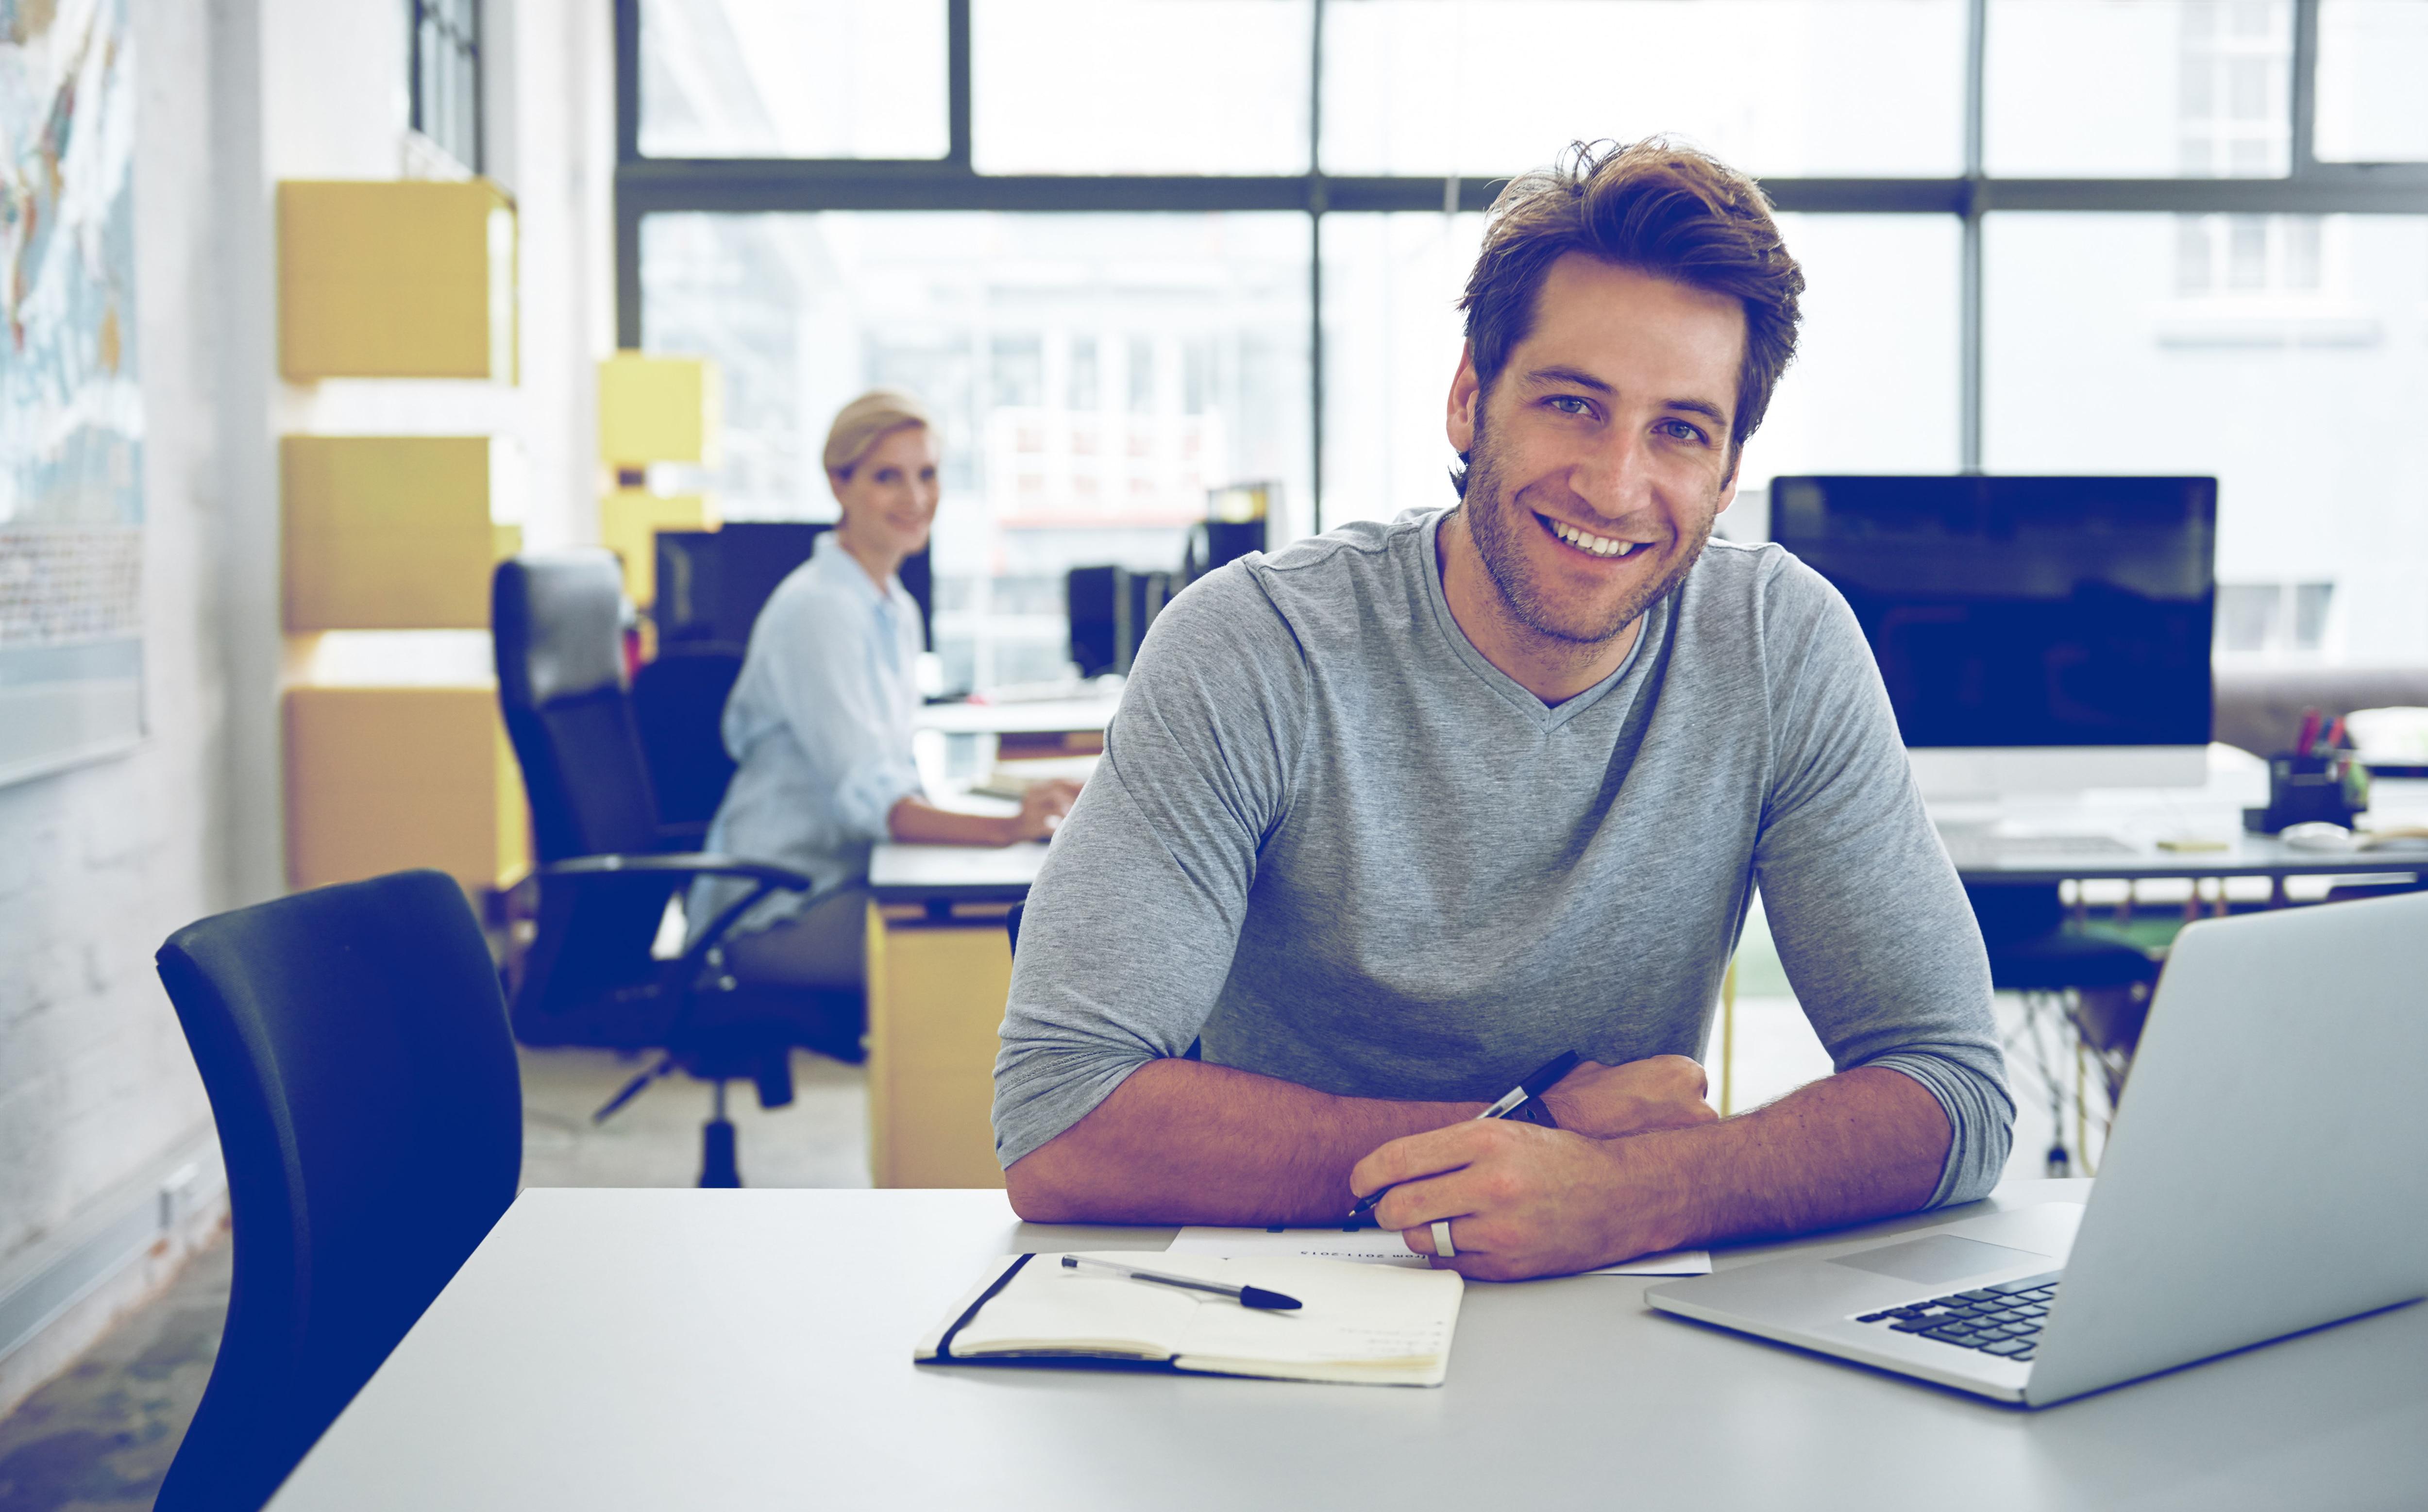 Wat doet een IT consultant?